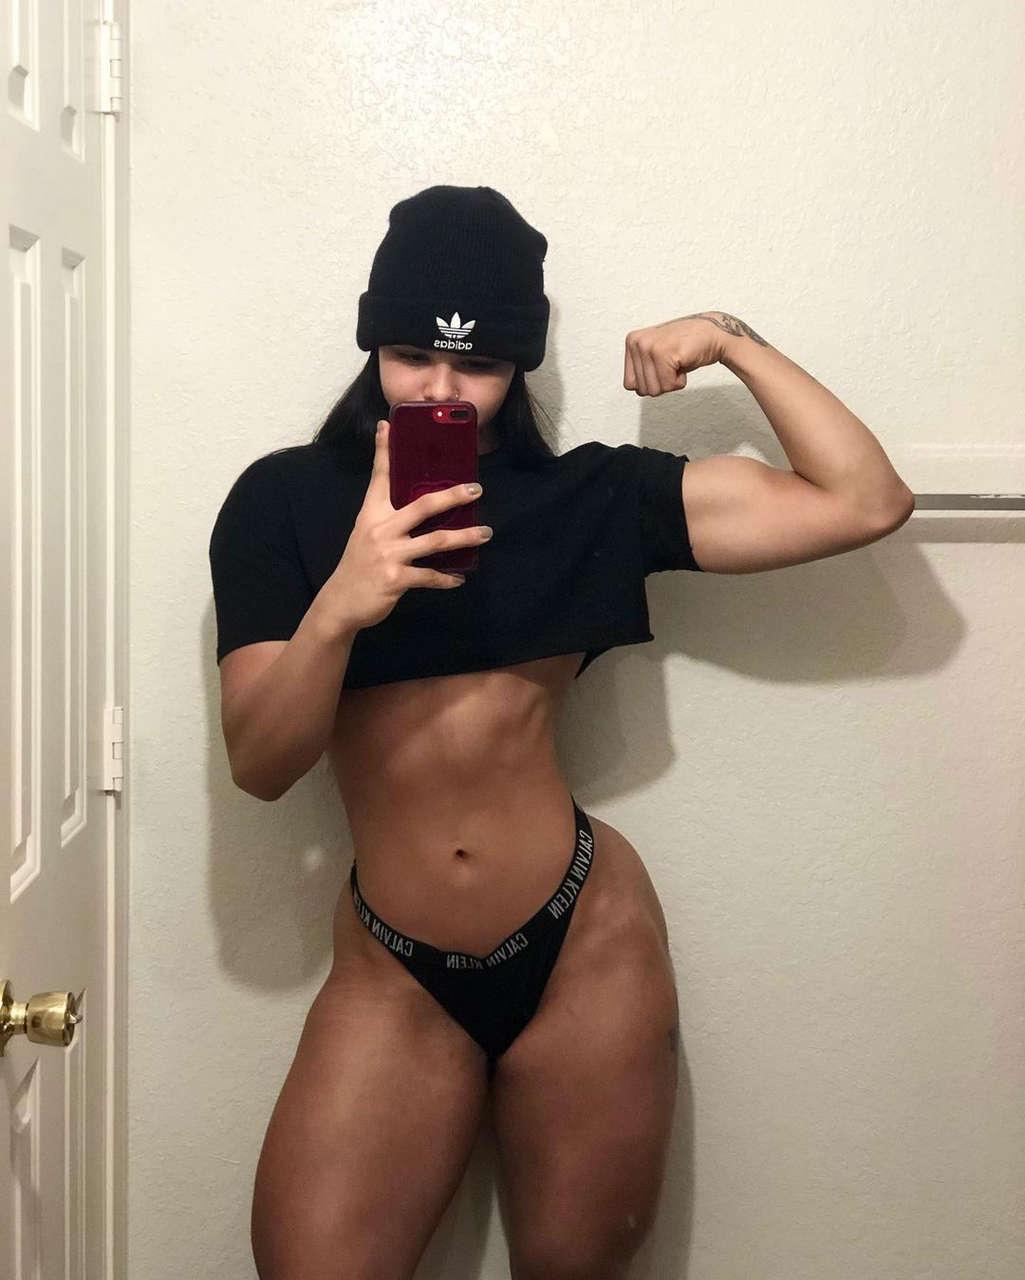 Cory Muscles